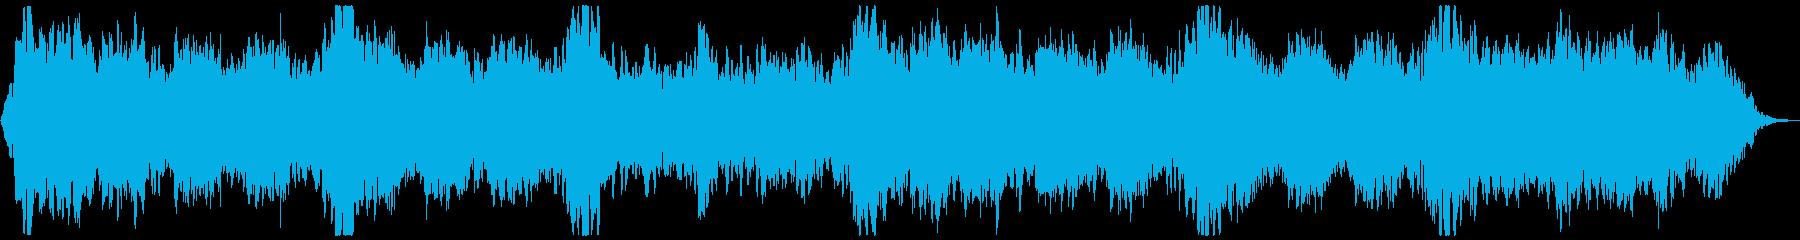 モダン 実験的 アンビエント 透明...の再生済みの波形